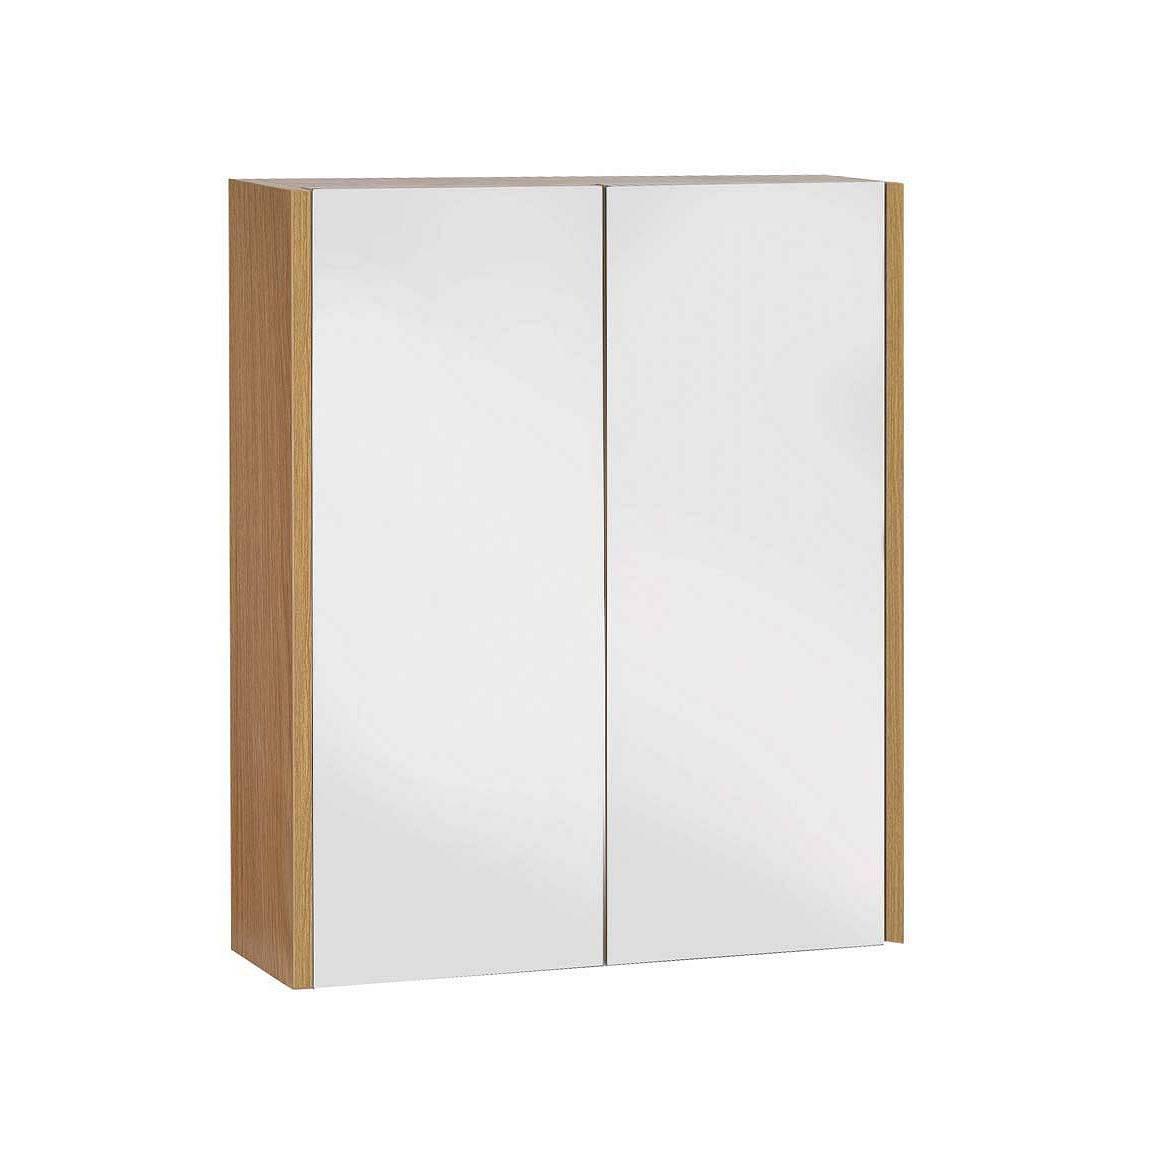 Image of Odessa Oak 2 Door Mirror Cabinet